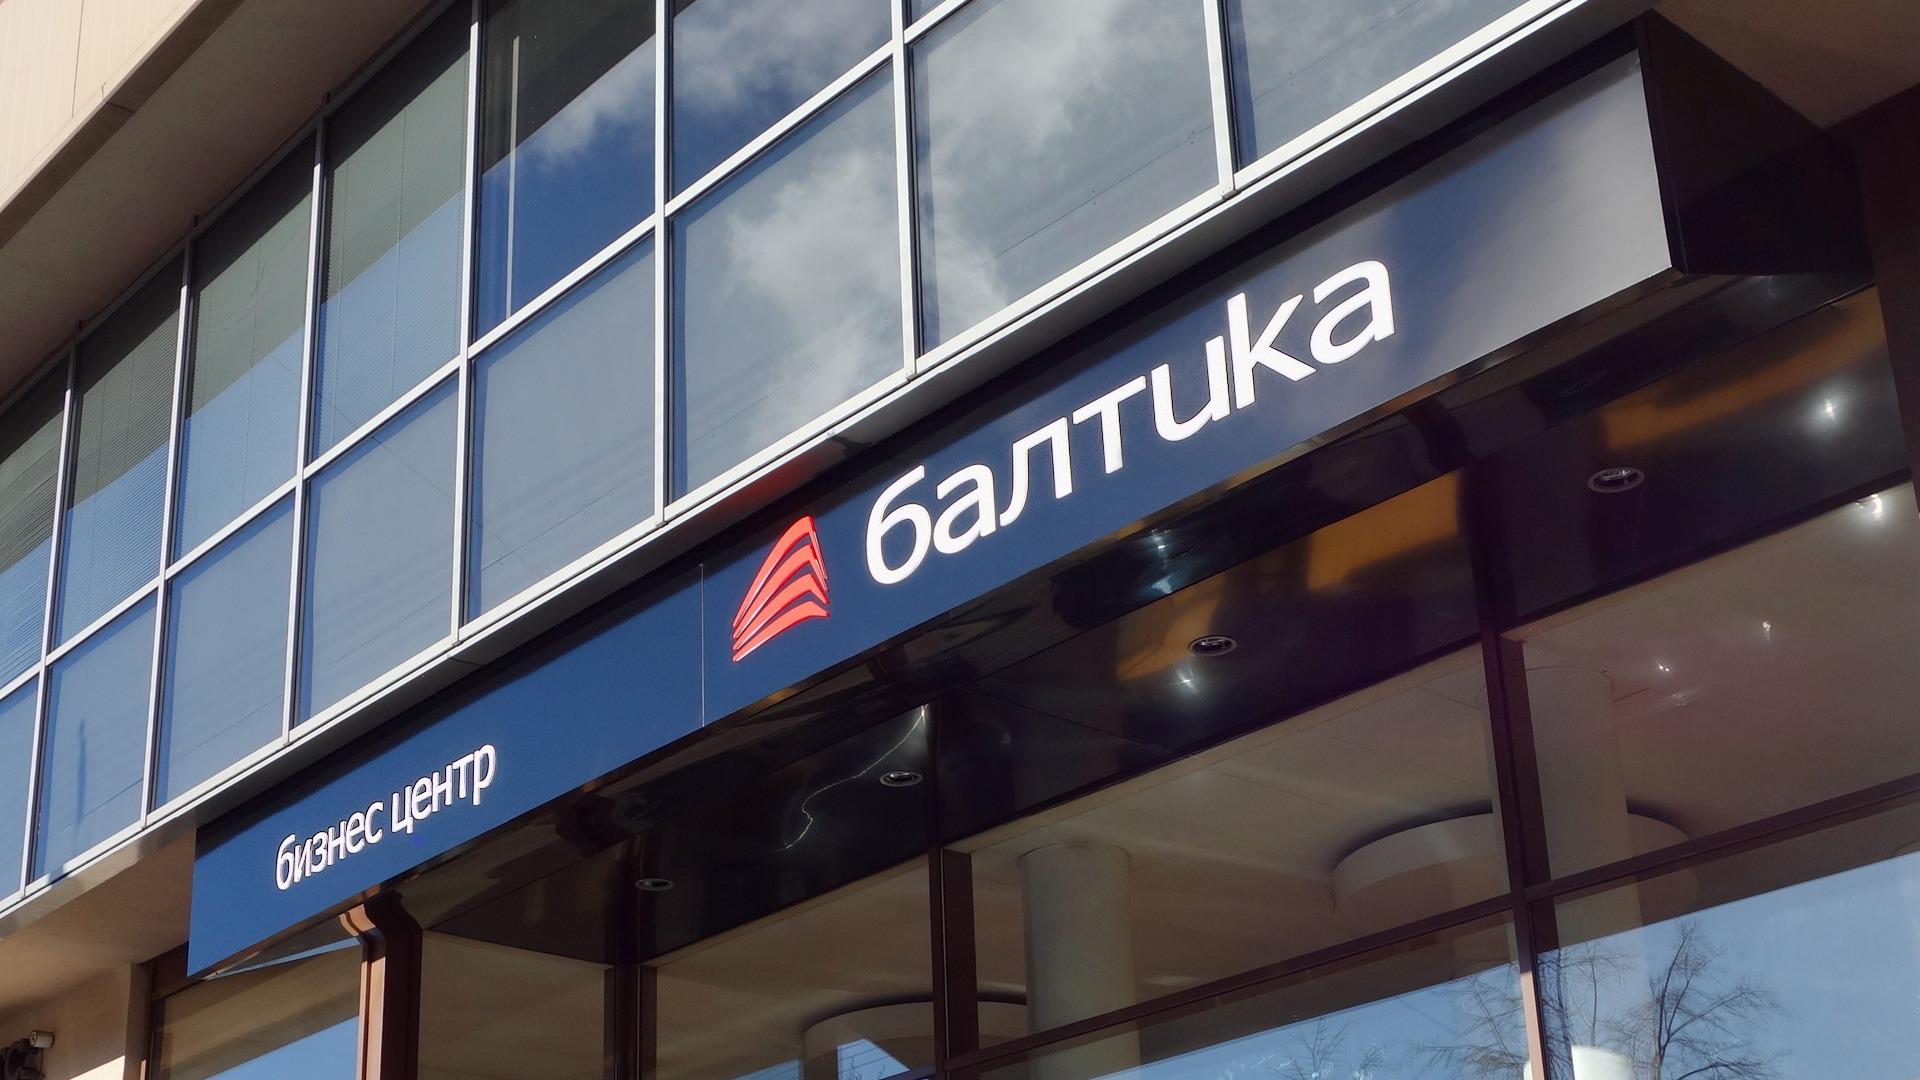 вывеска, входная группа, балтика, бизнесцентр, signboard, business center, baltic